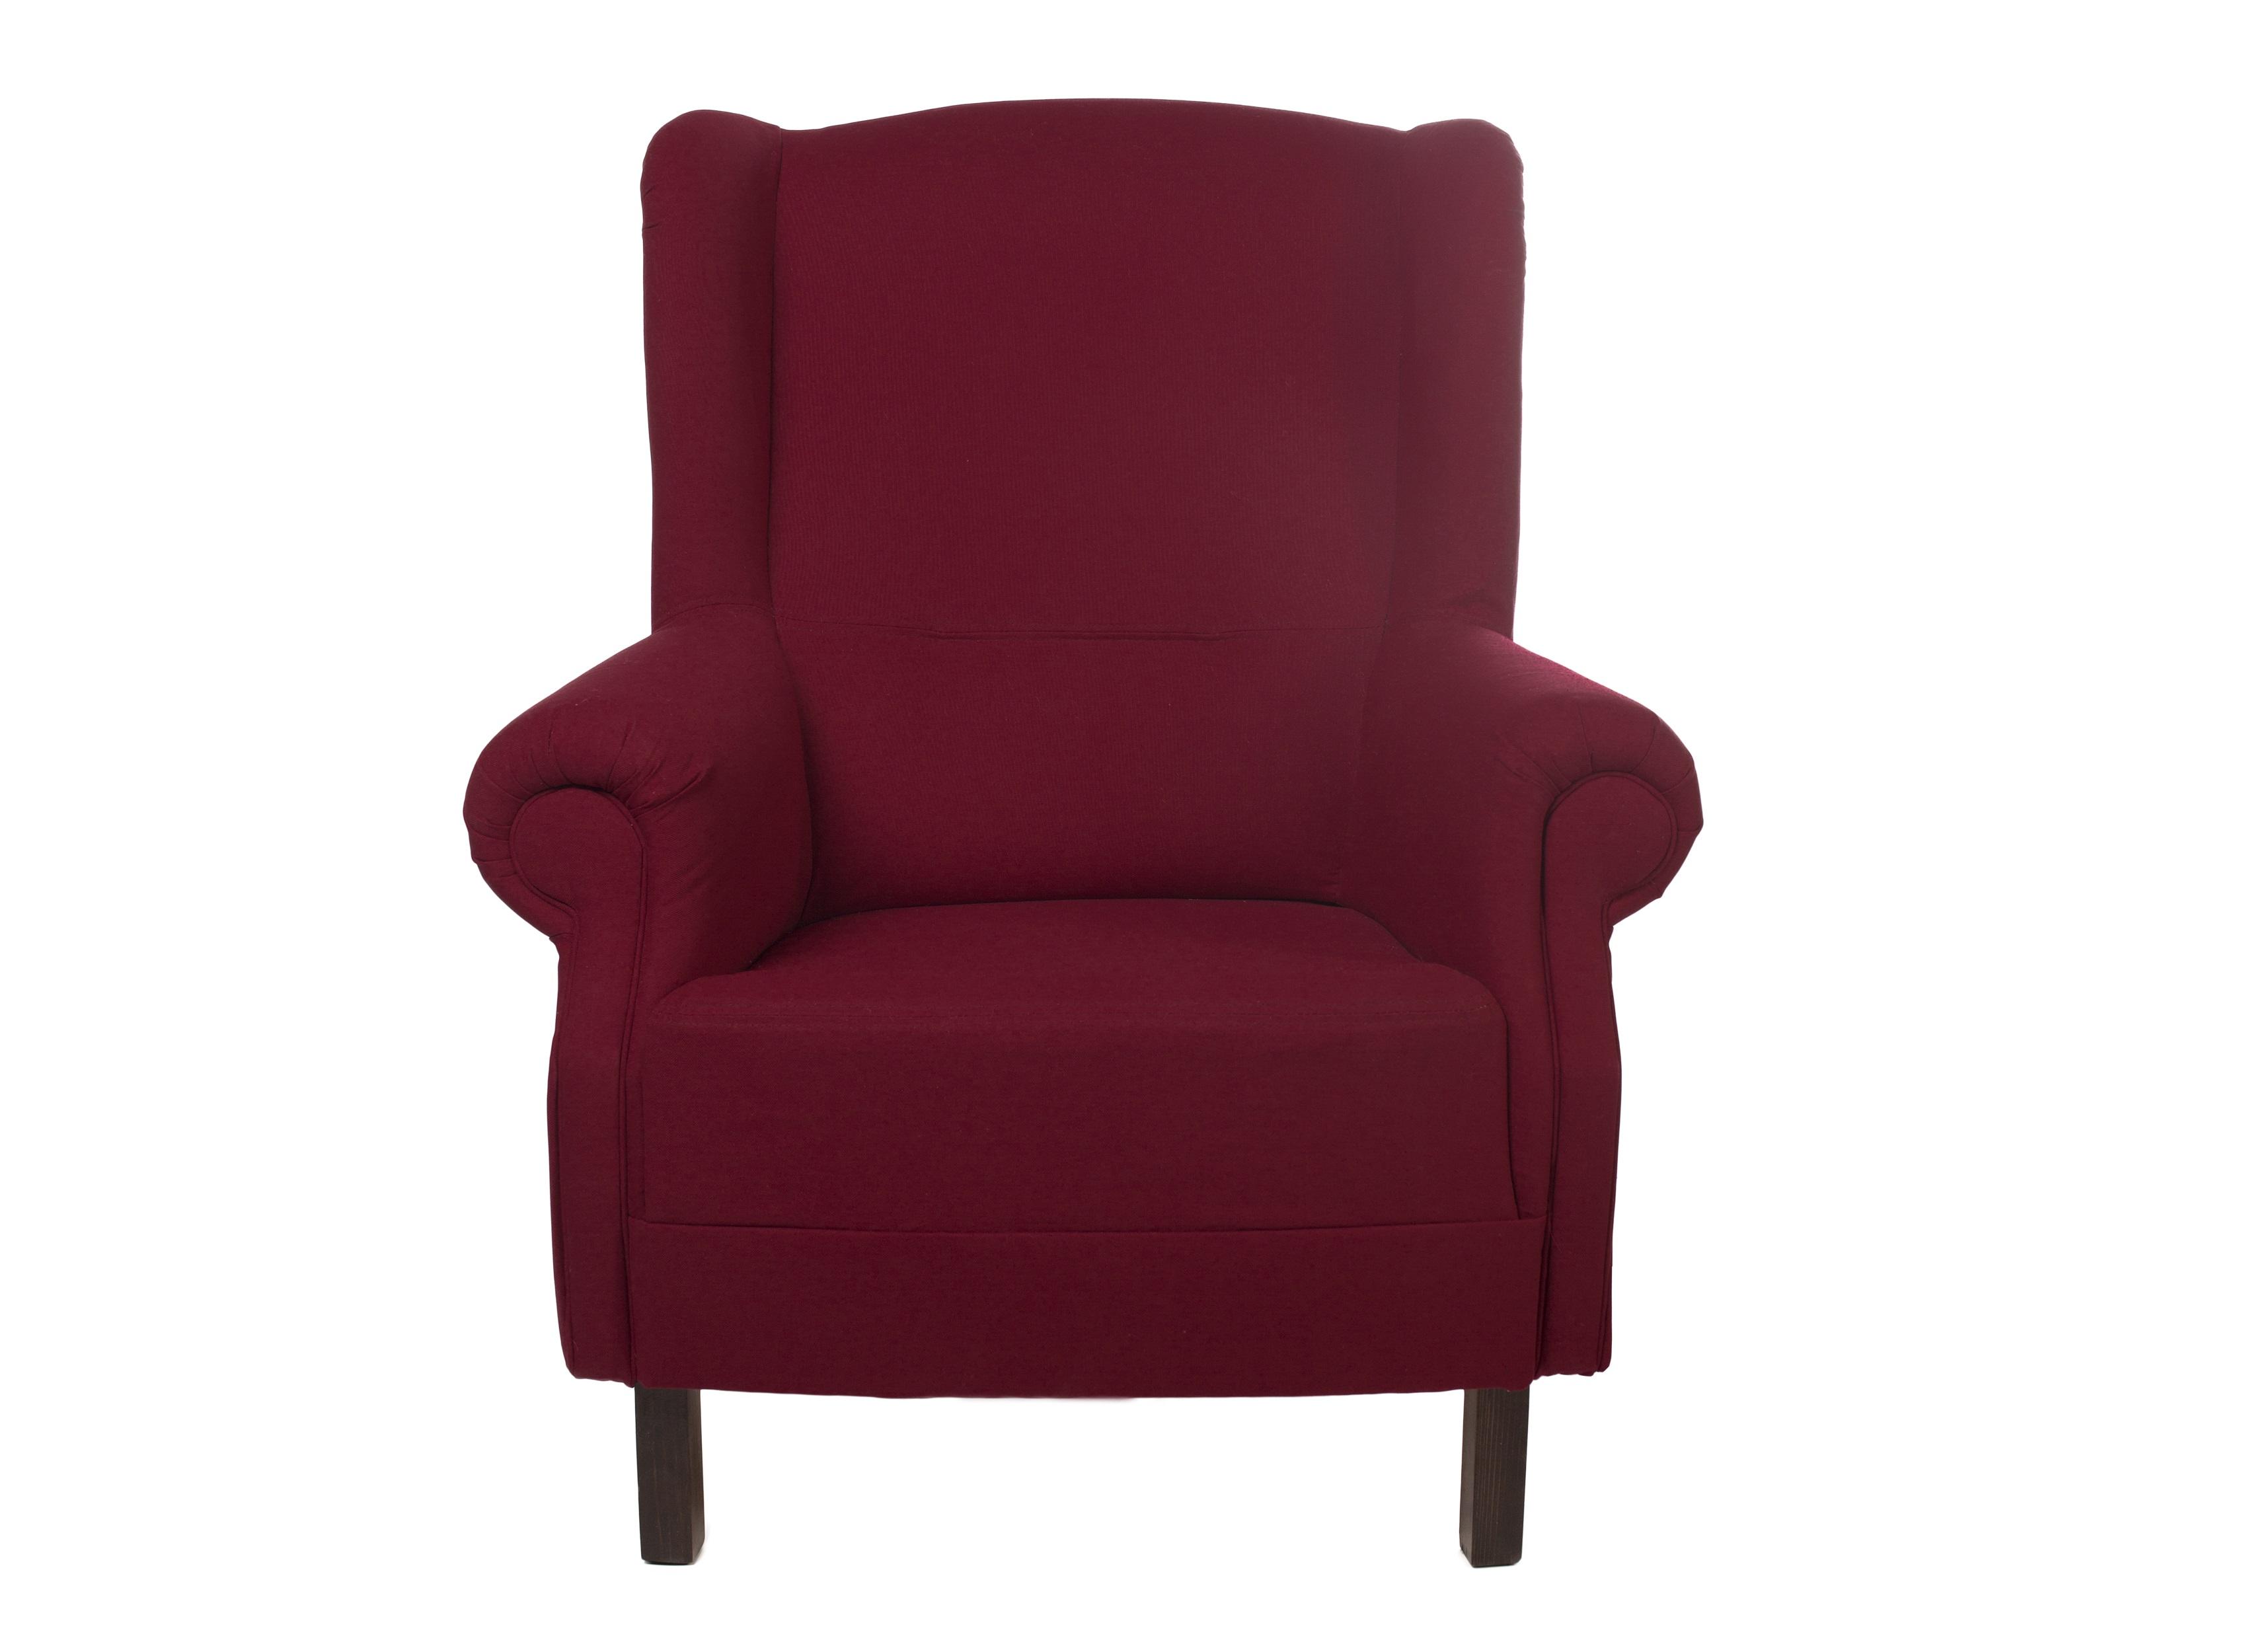 Кресло La Neige 15443641 от thefurnish